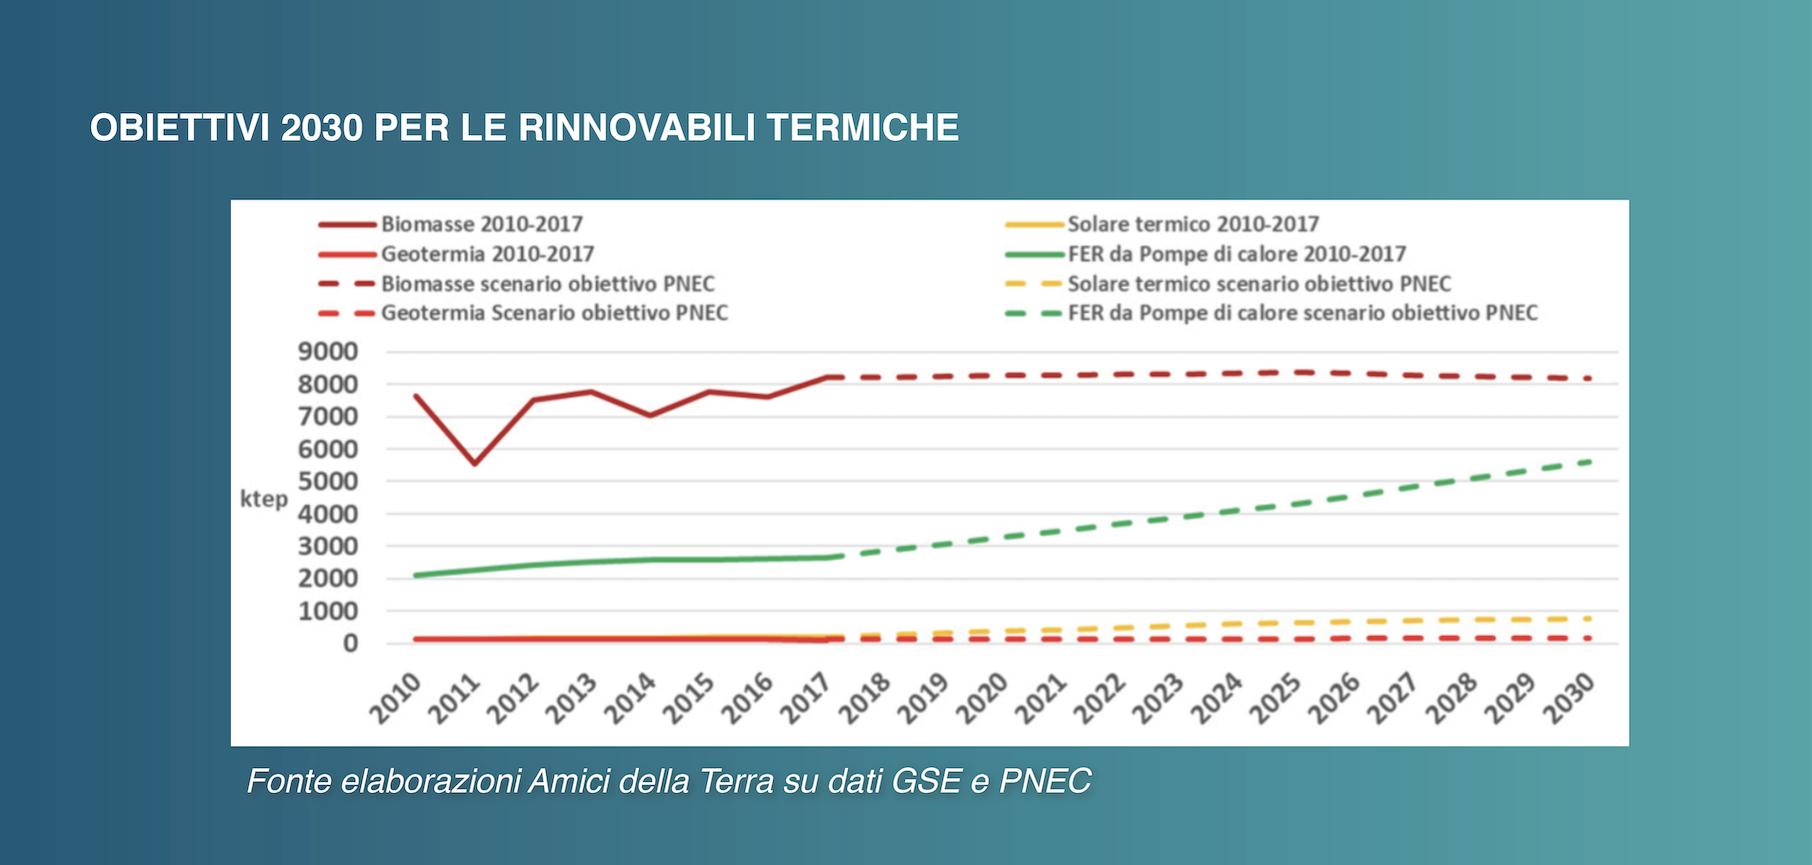 Obiettivi 2030 rinnovabili termiche